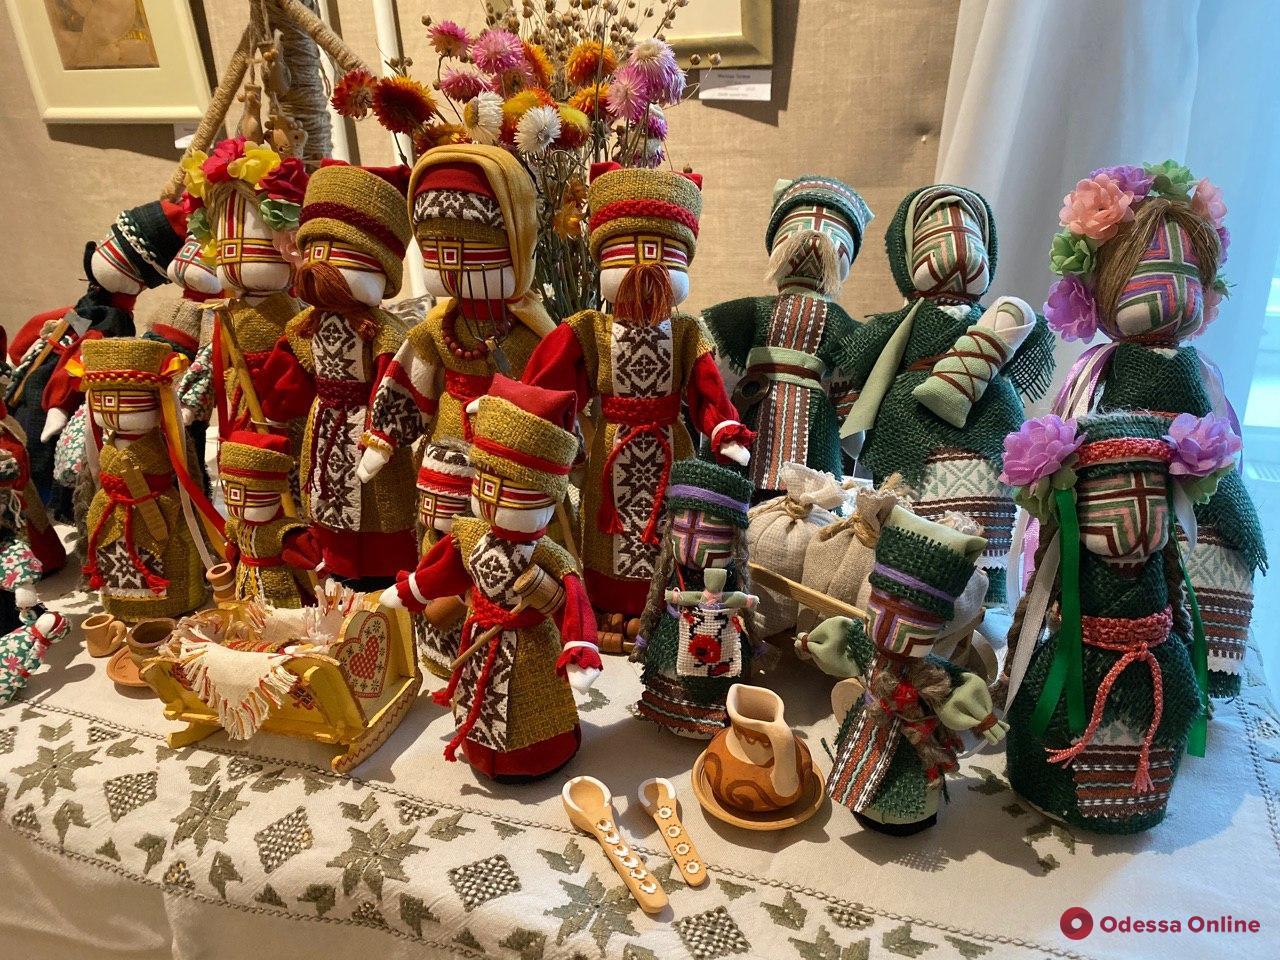 Terra magnifica: в Одессе открылась выставка украинских кукол и костюмов